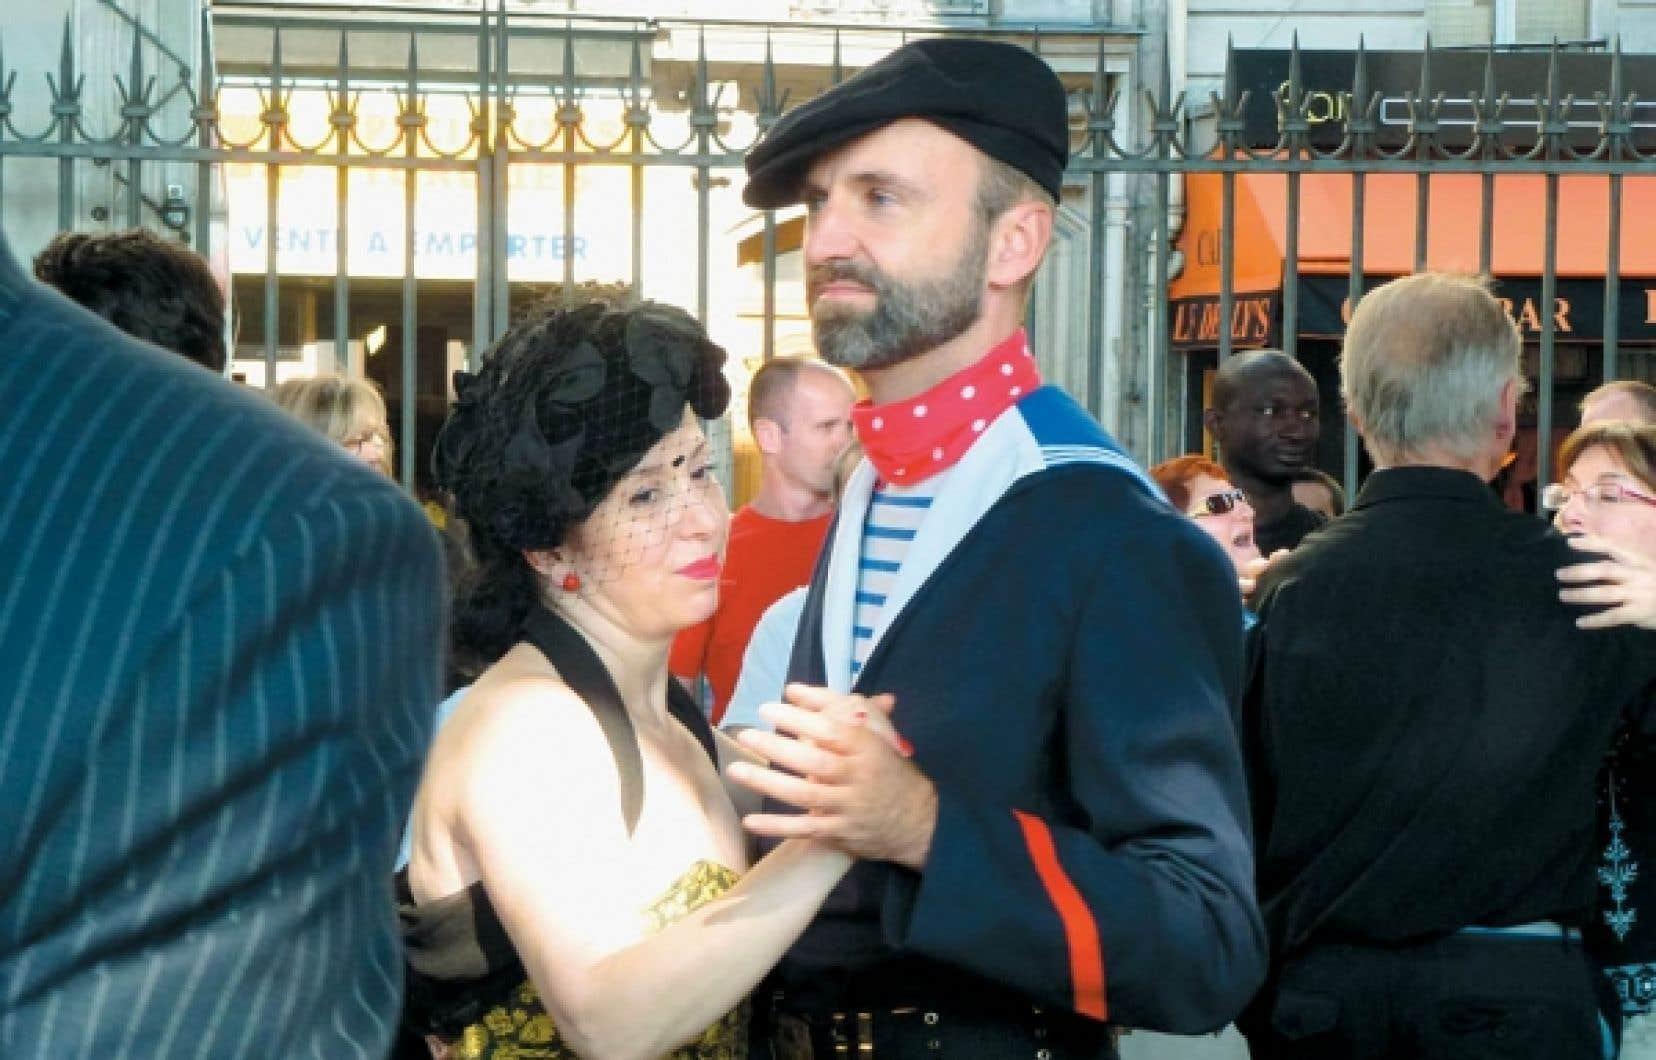 La Bâronne d'Paname et Sven le marin, deux personnages qui ajoutent au pittoresque des bals musettes parisiens.<br />